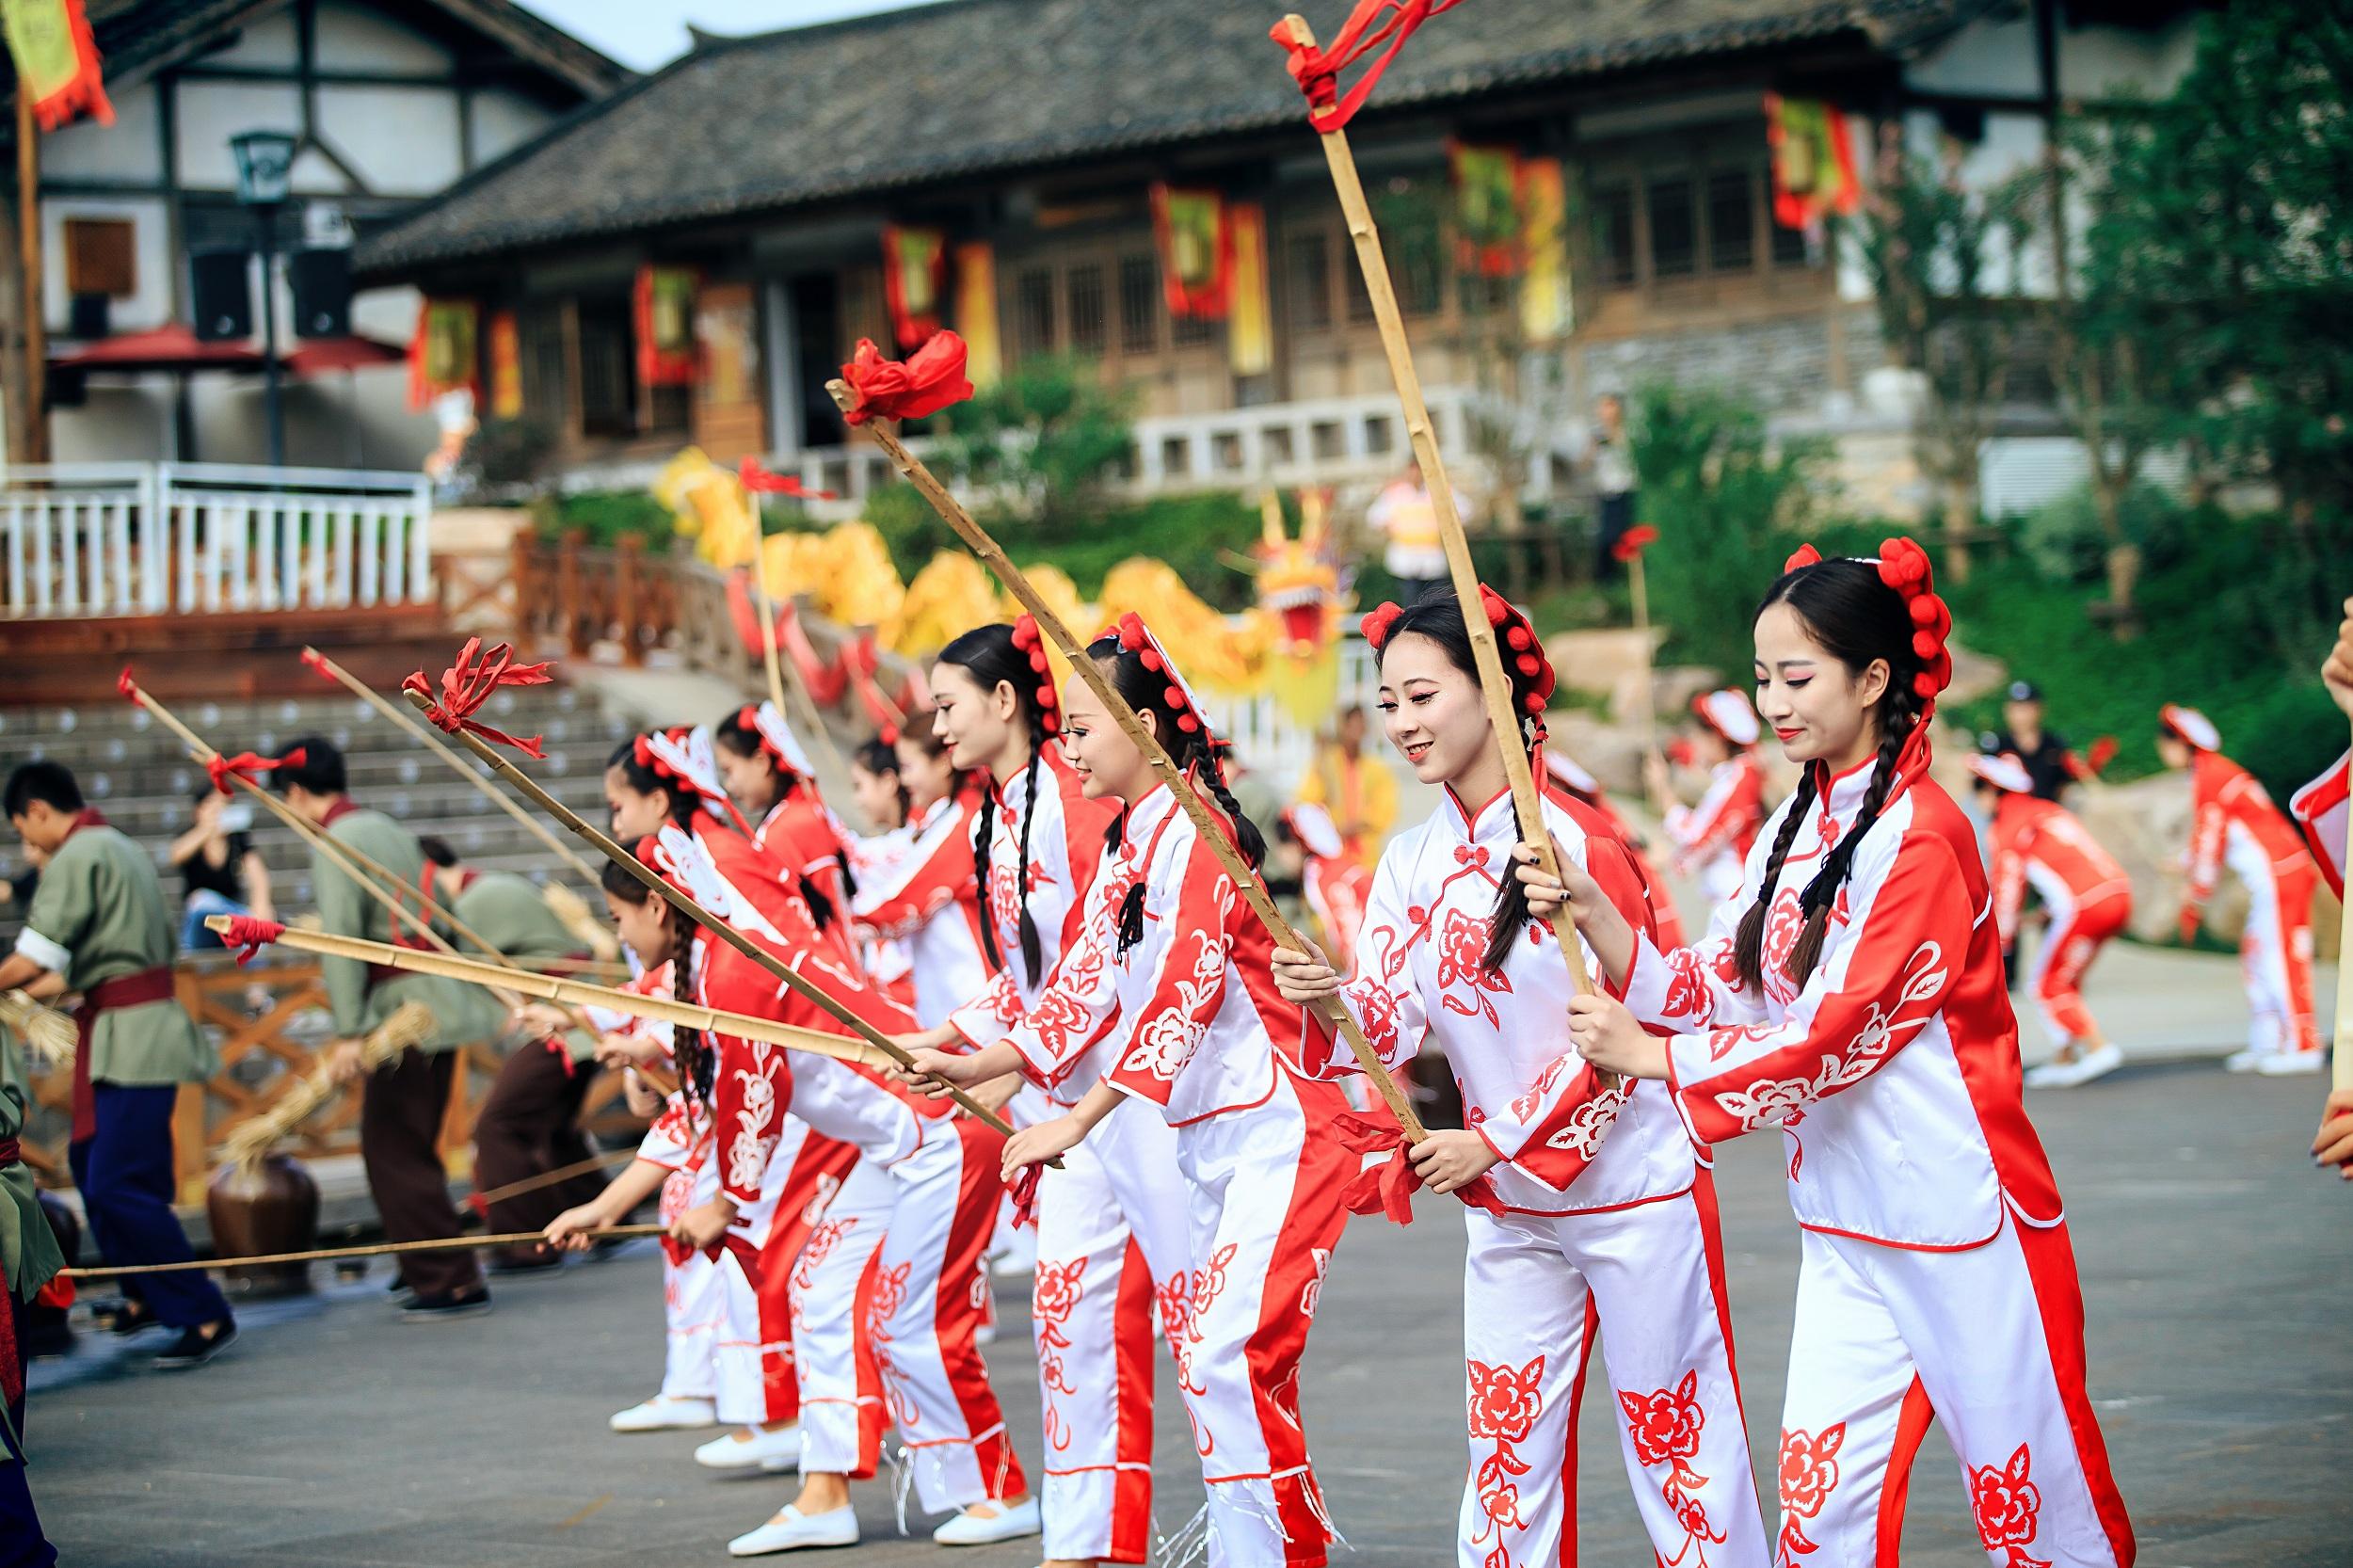 東方鹽湖城民俗演藝穿越千年